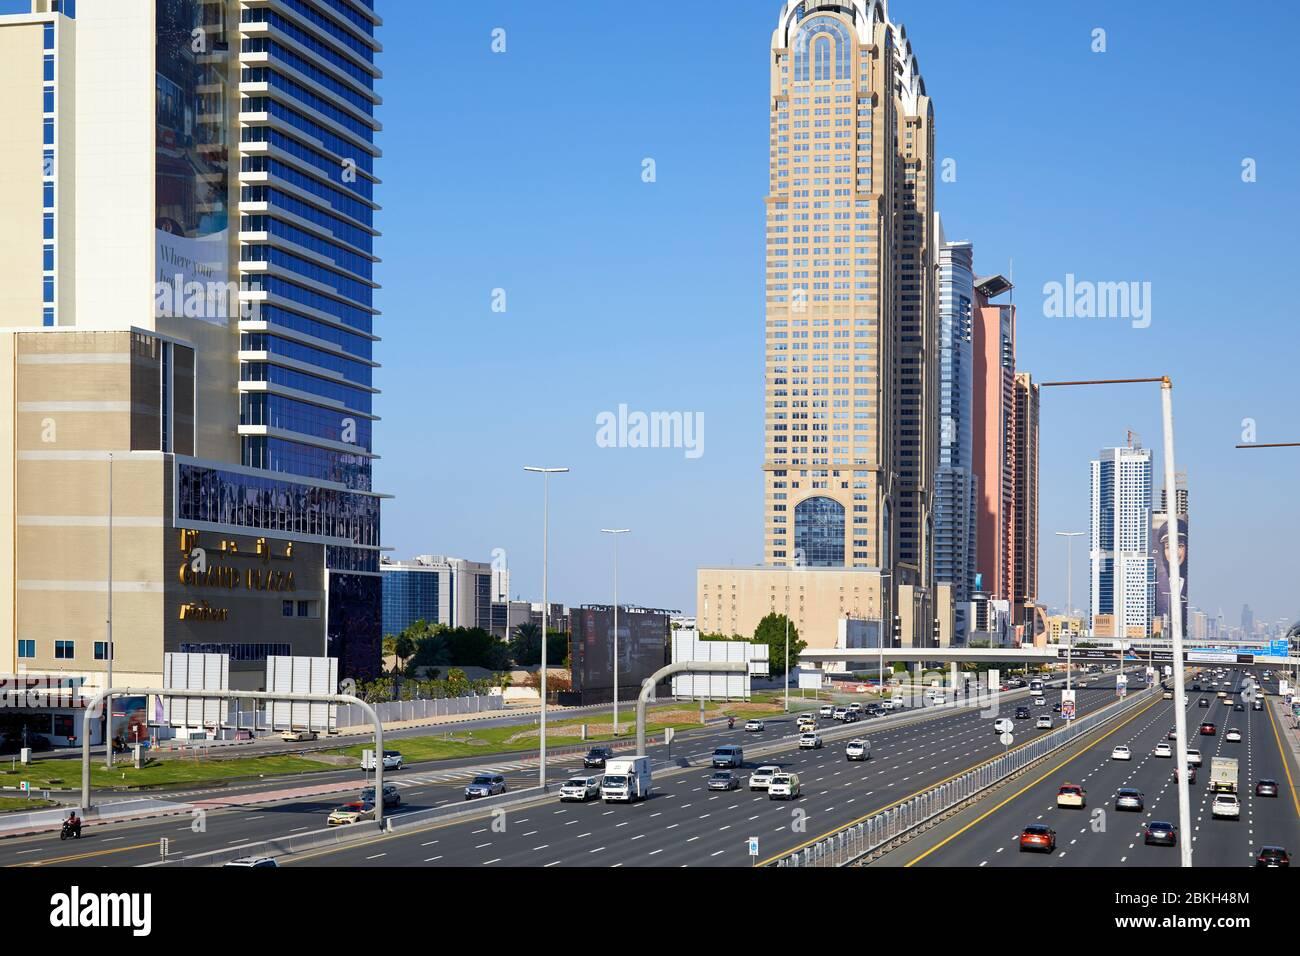 DUBAÏ, EMIRATS ARABES UNIS - 22 NOVEMBRE 2019: Sheikh Zayed Road avec gratte-ciel en journée ensoleillée, ciel bleu Banque D'Images